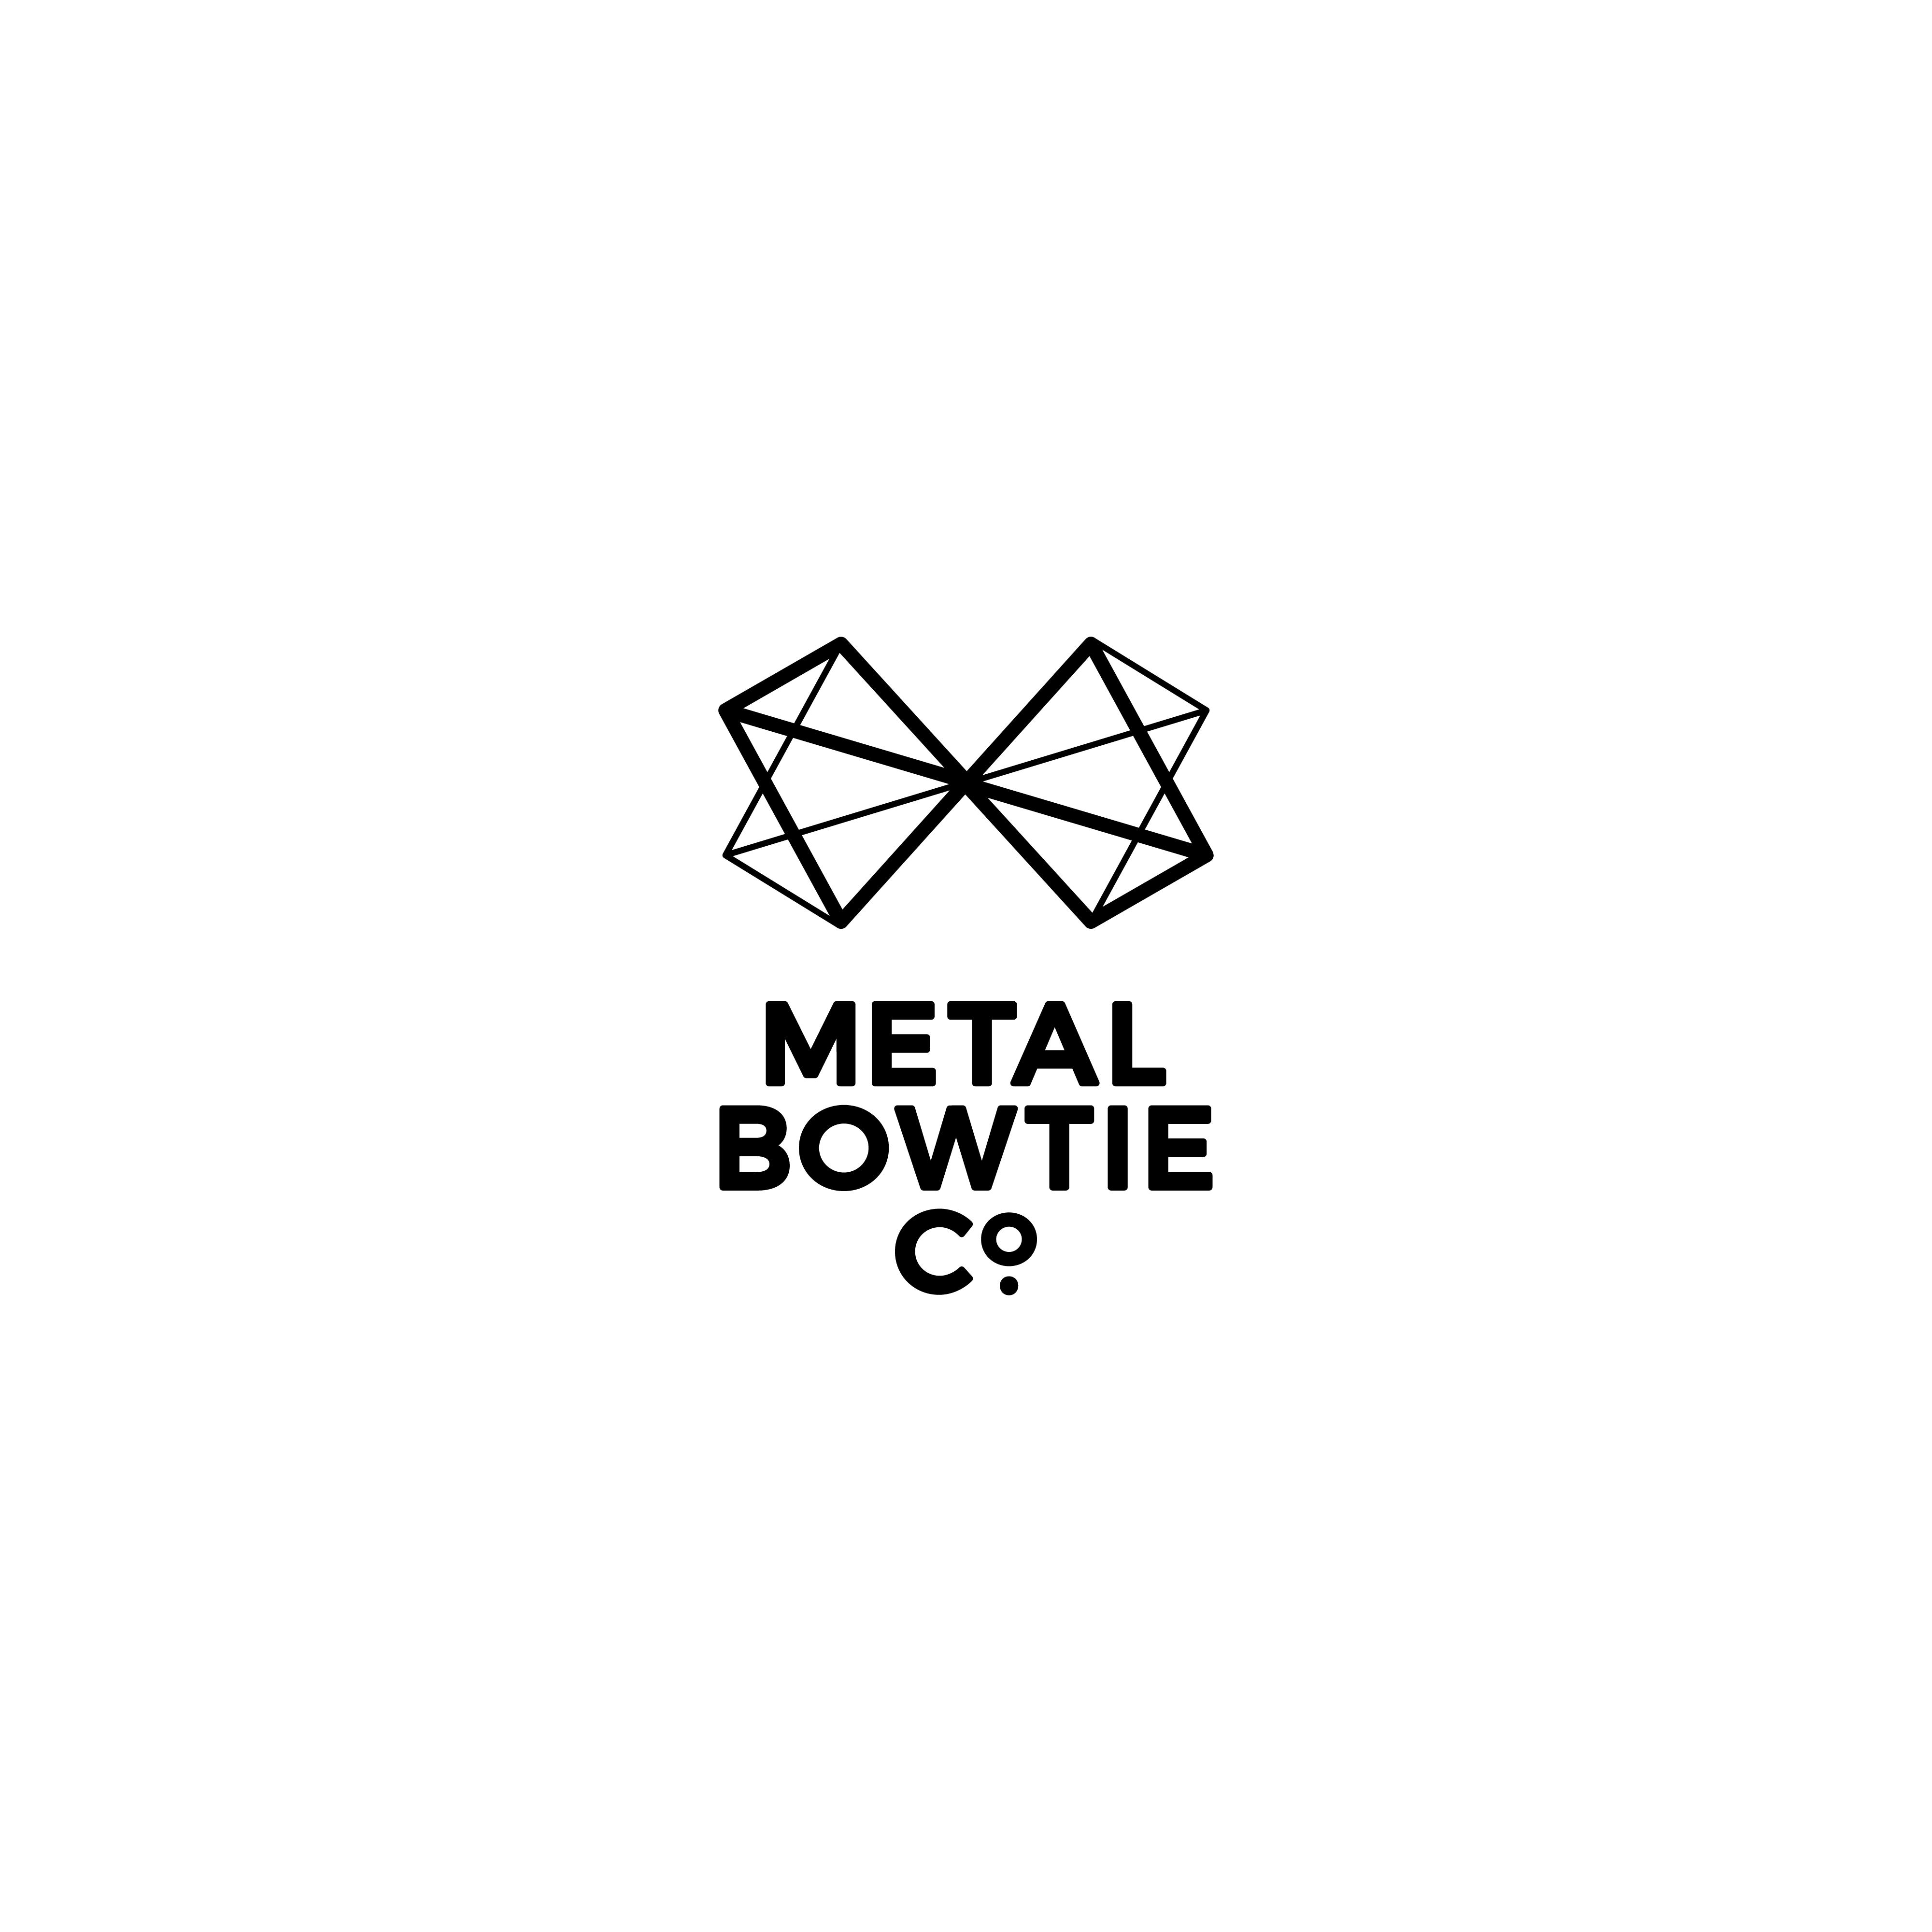 Create a bold and unique logo for a men's fashion company